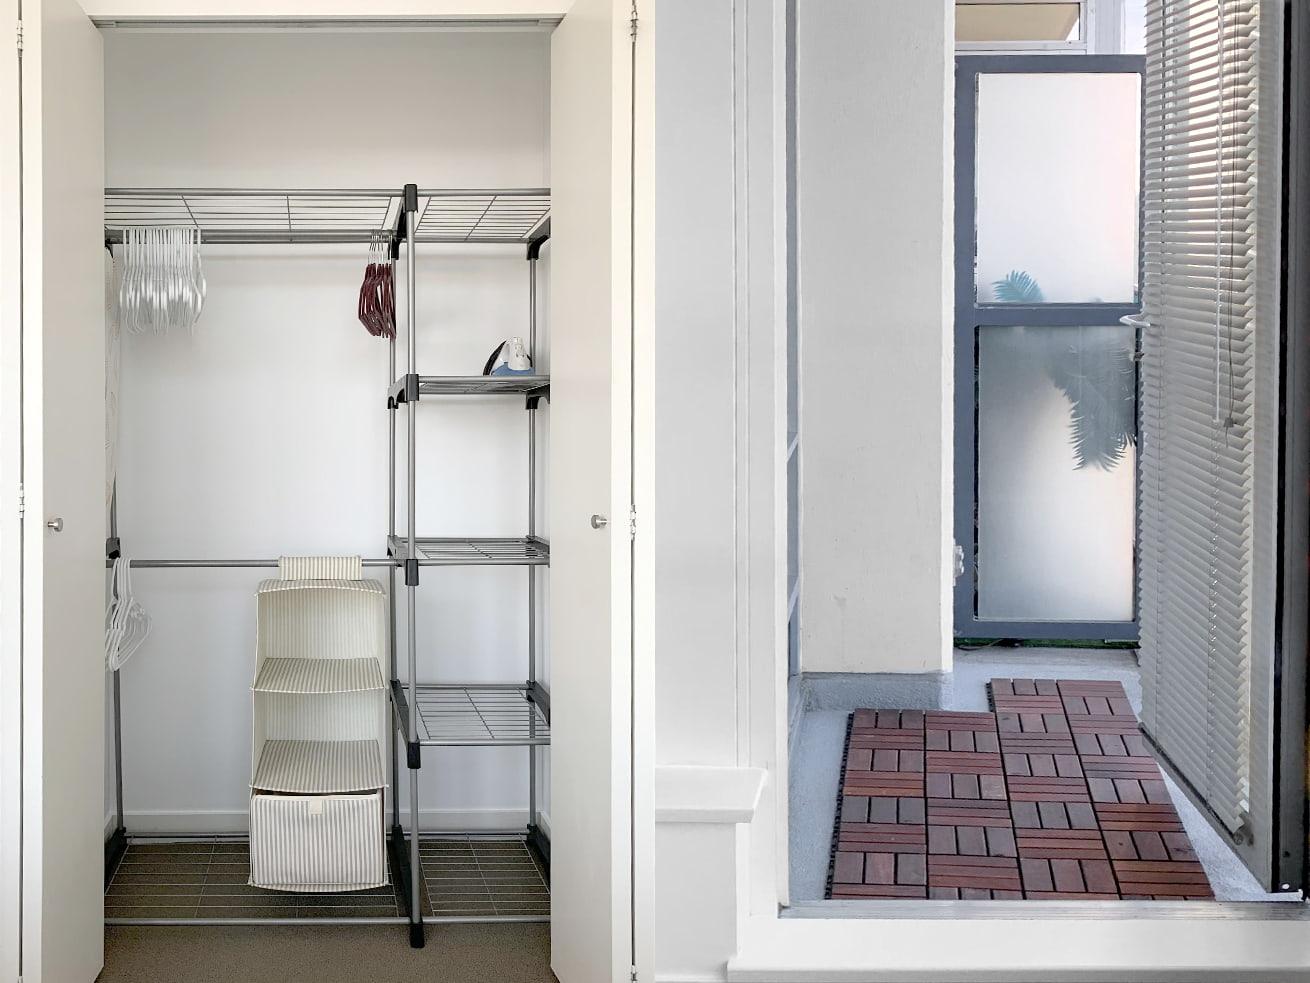 Vancouver apartment rentals max studio den closet balcony